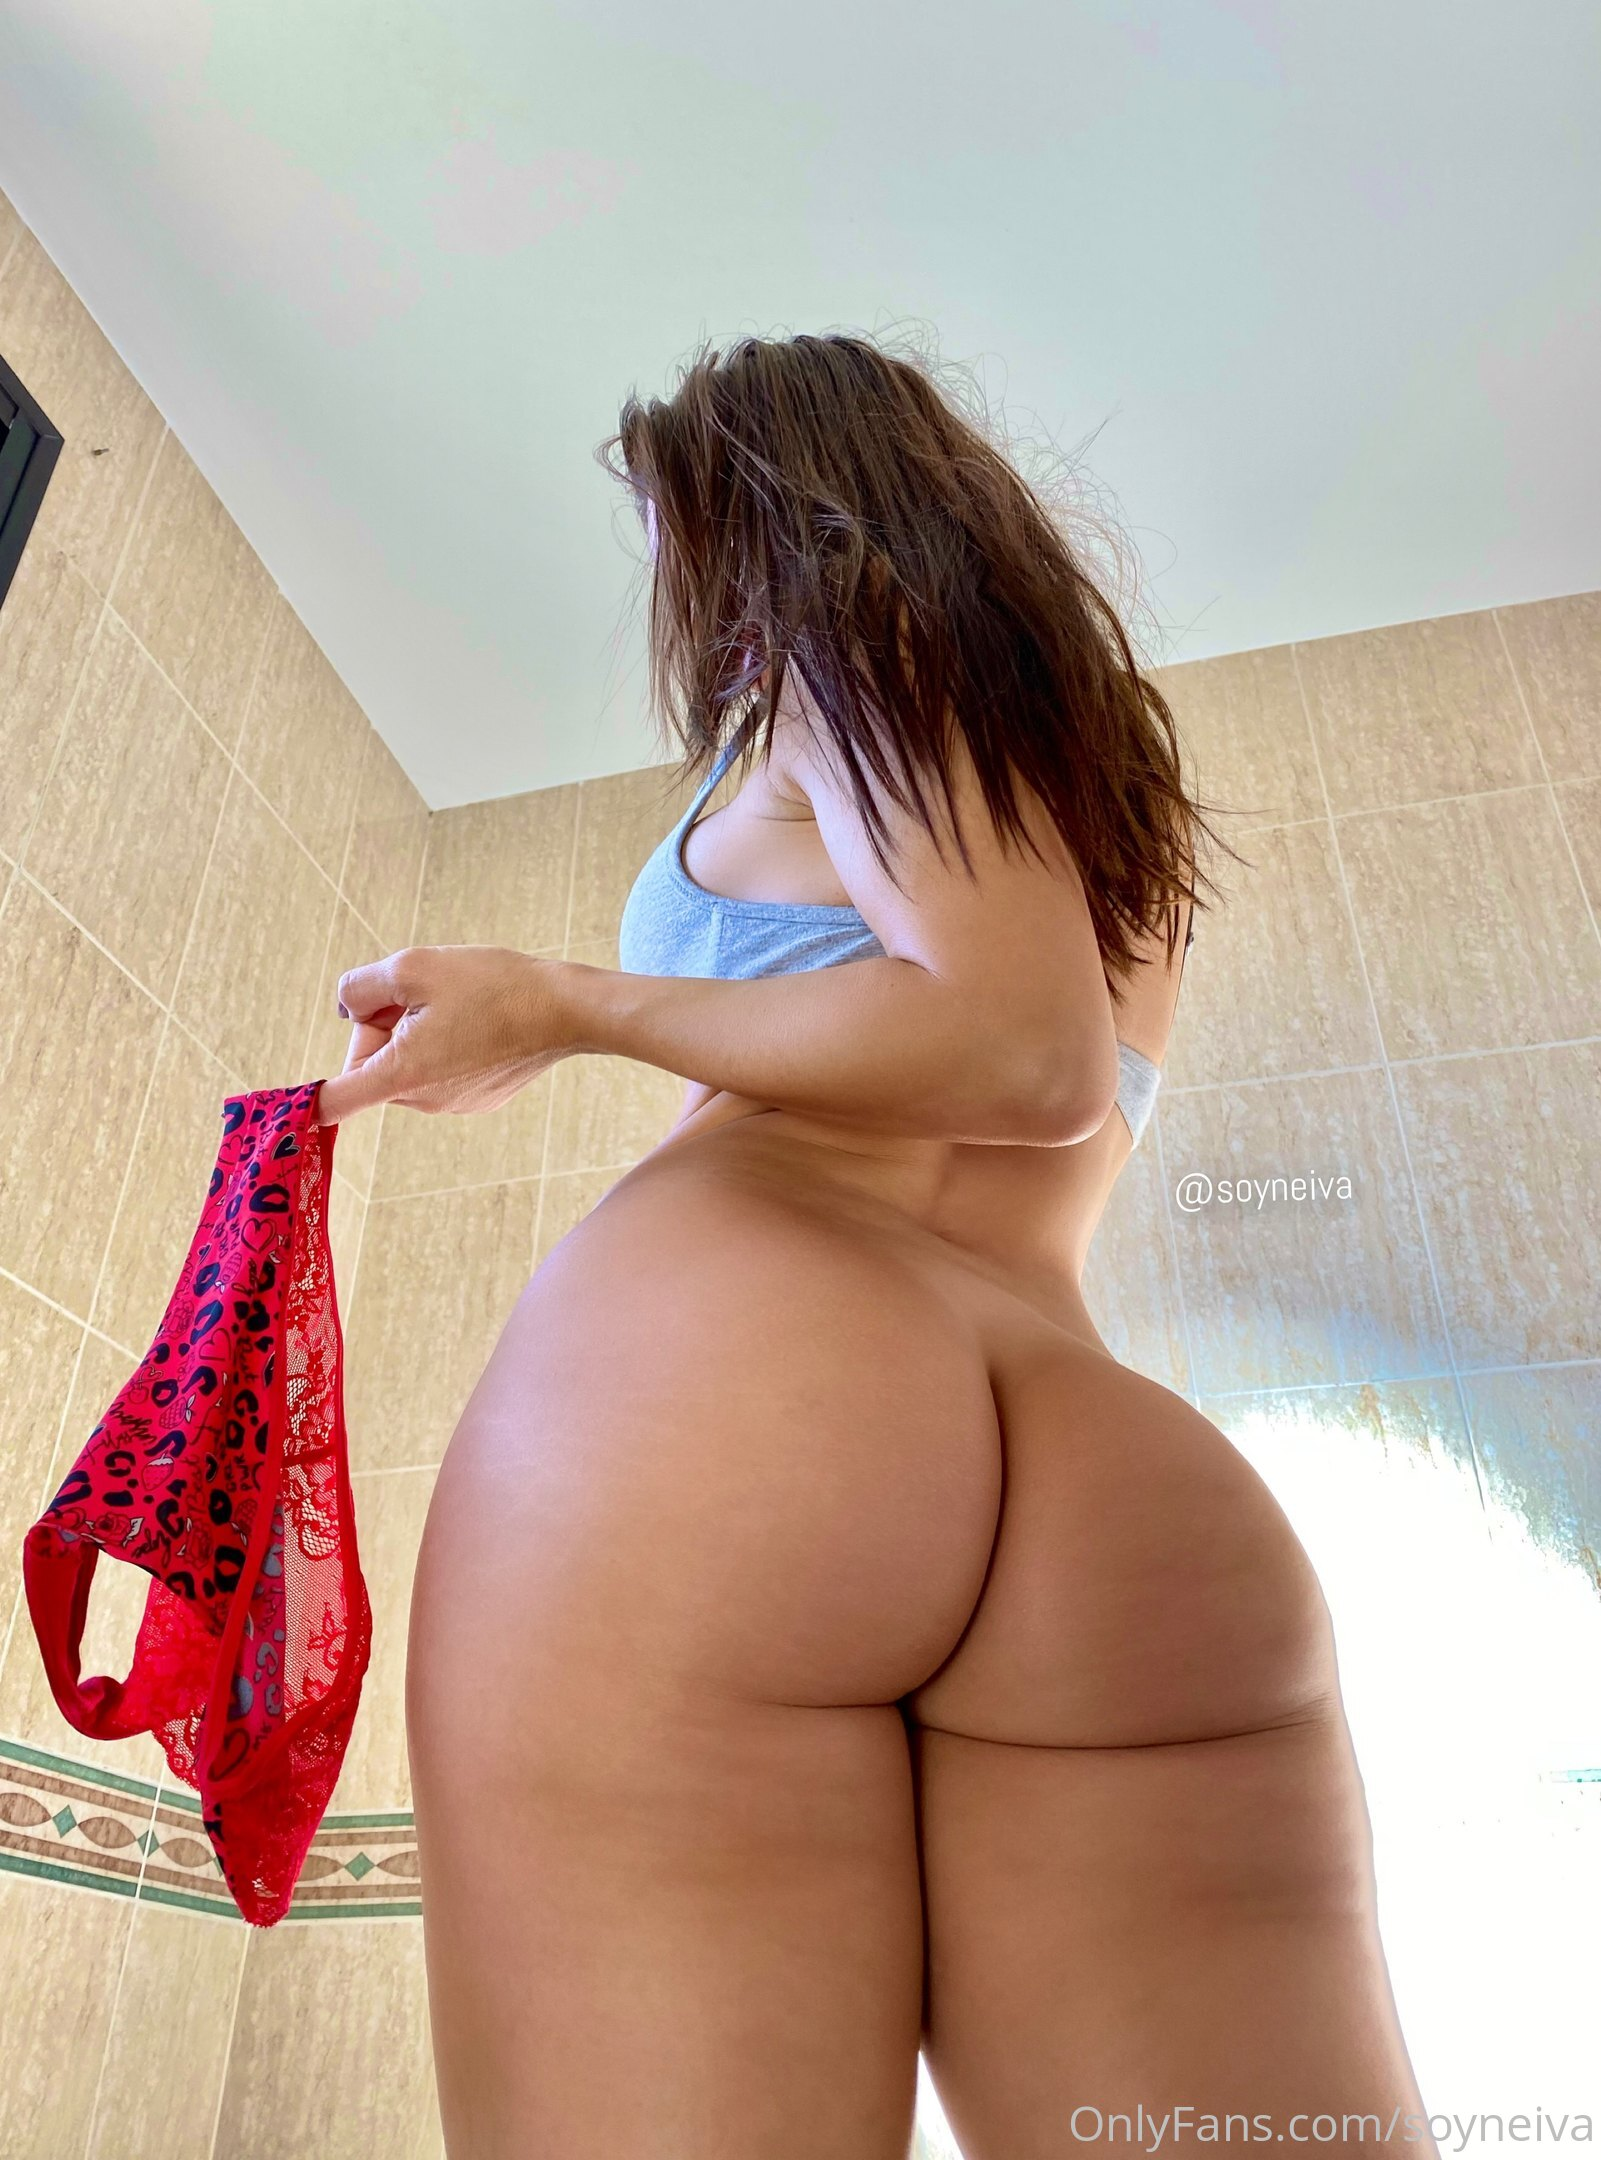 Neiva Mara, Soyneiva, Onlyfans Nudes Leaks 0034